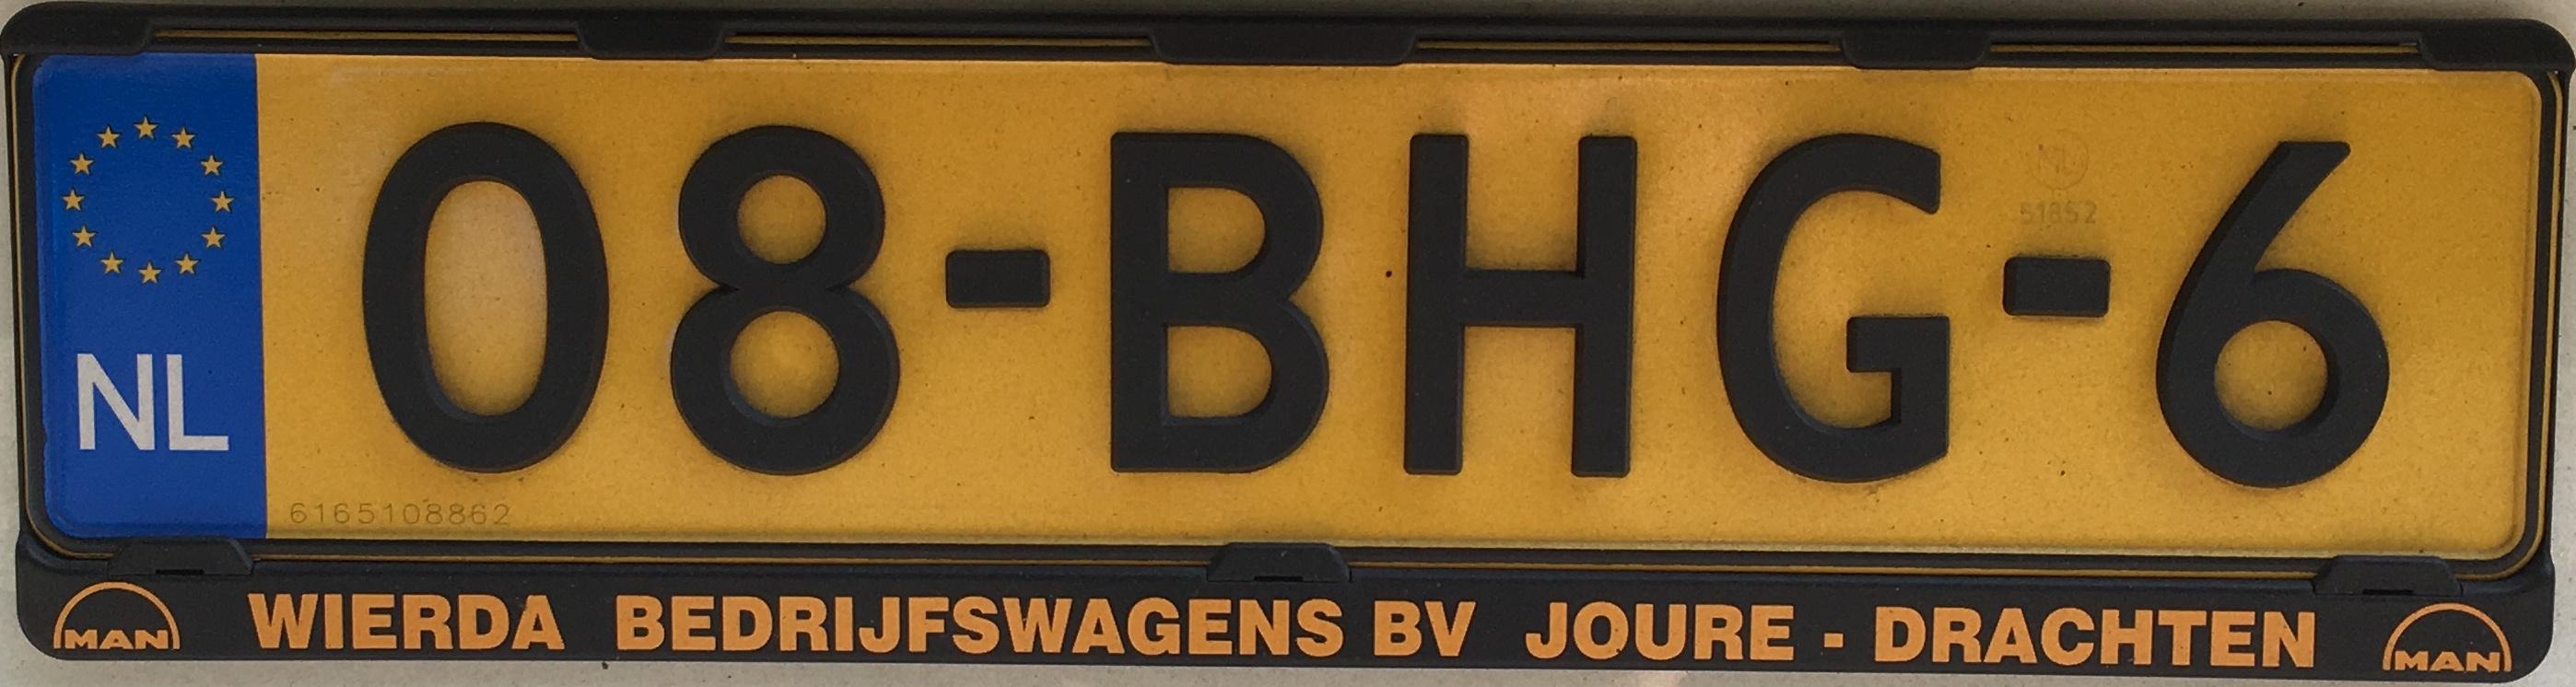 Nizozemská registrační značka – nákladní automobily do 3,5 tuny a autobusy, foto: vlastní